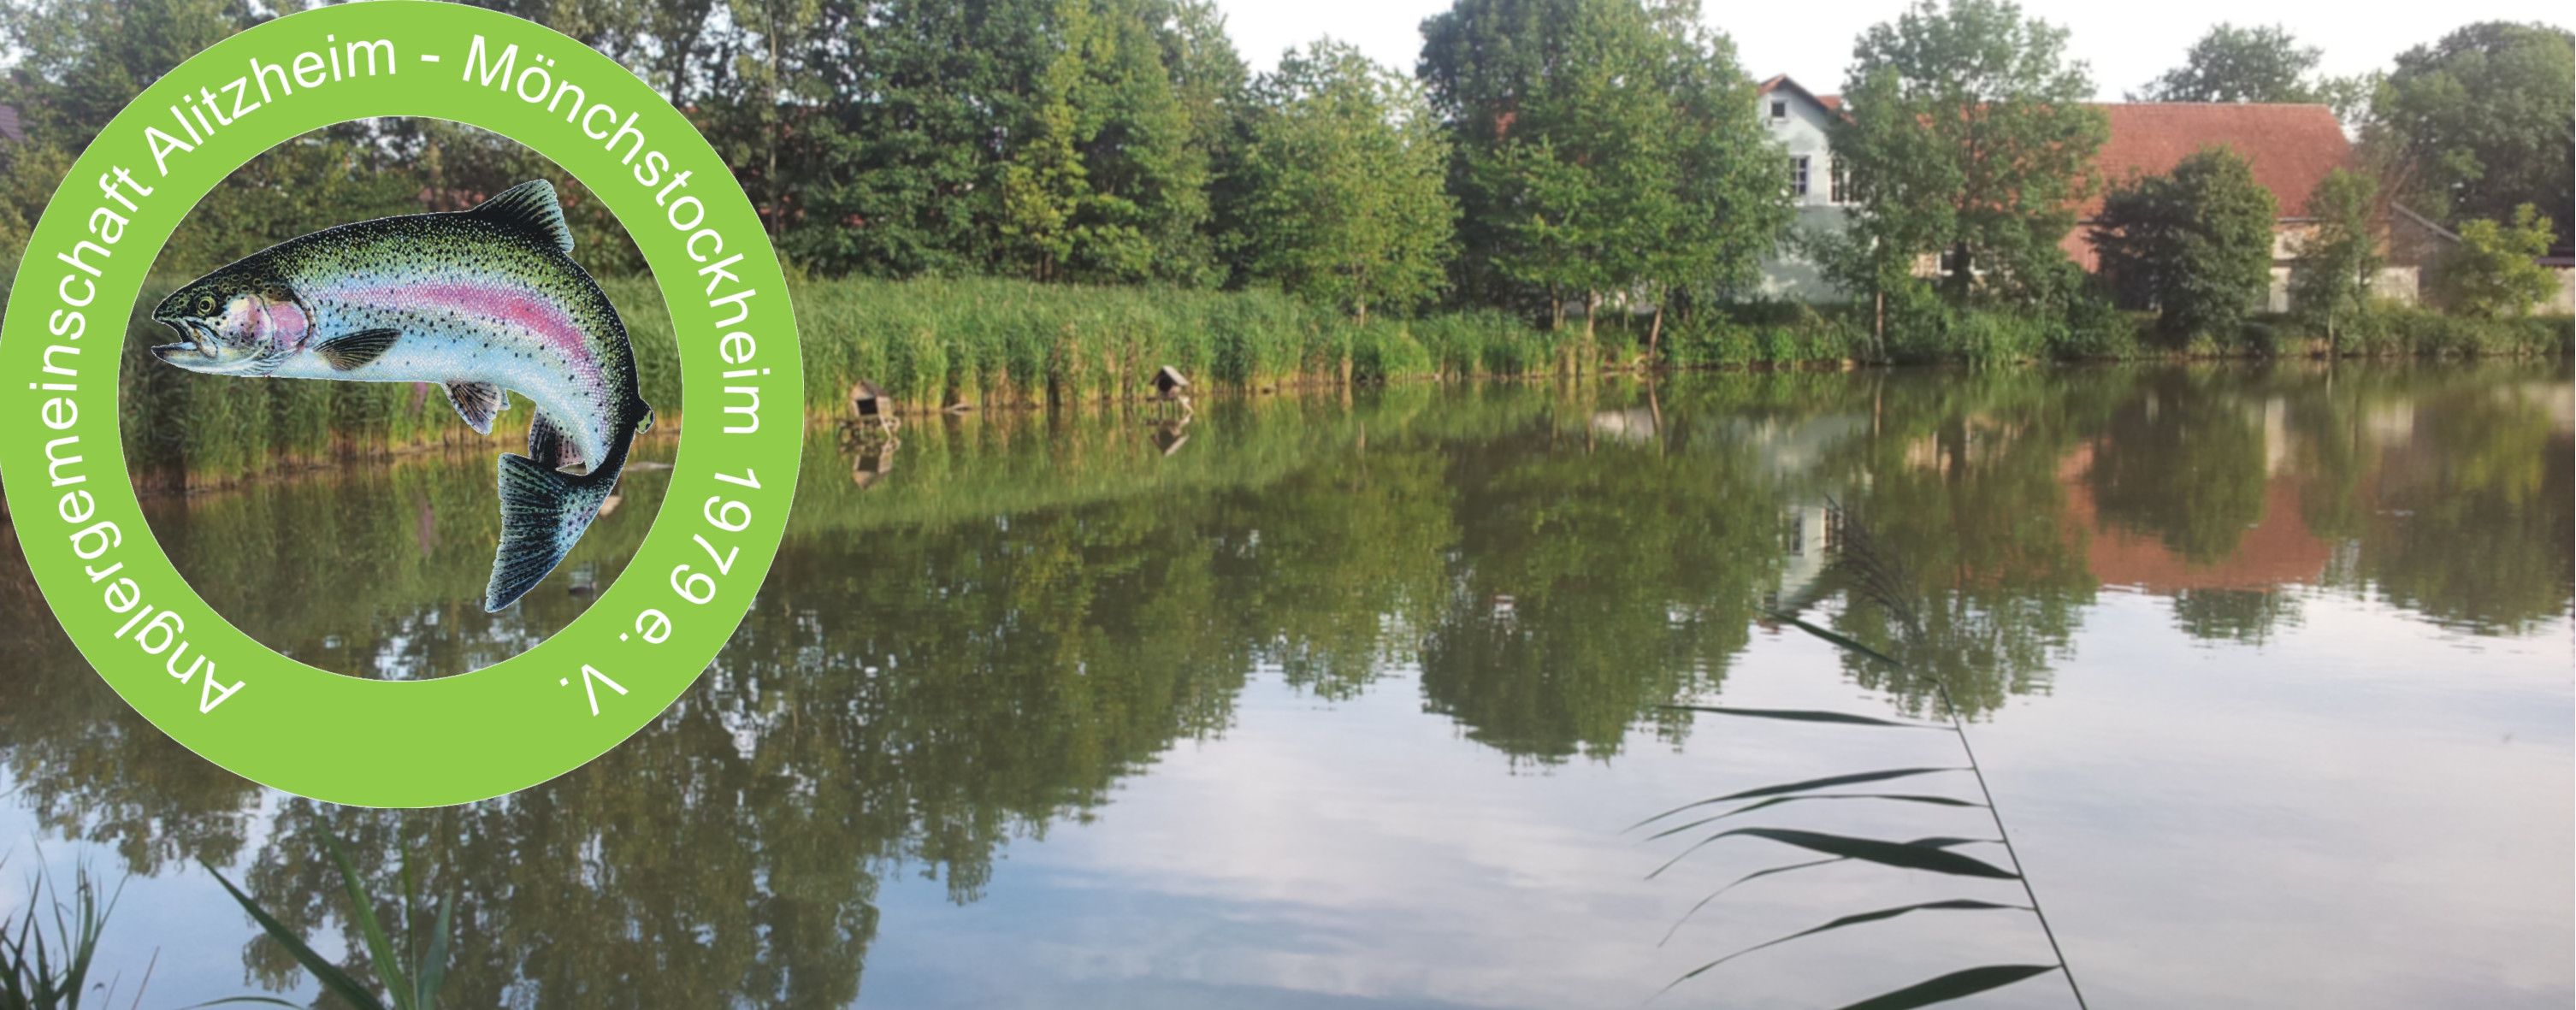 Anglergemeinschaft Alitzheim-Mönchstockheim